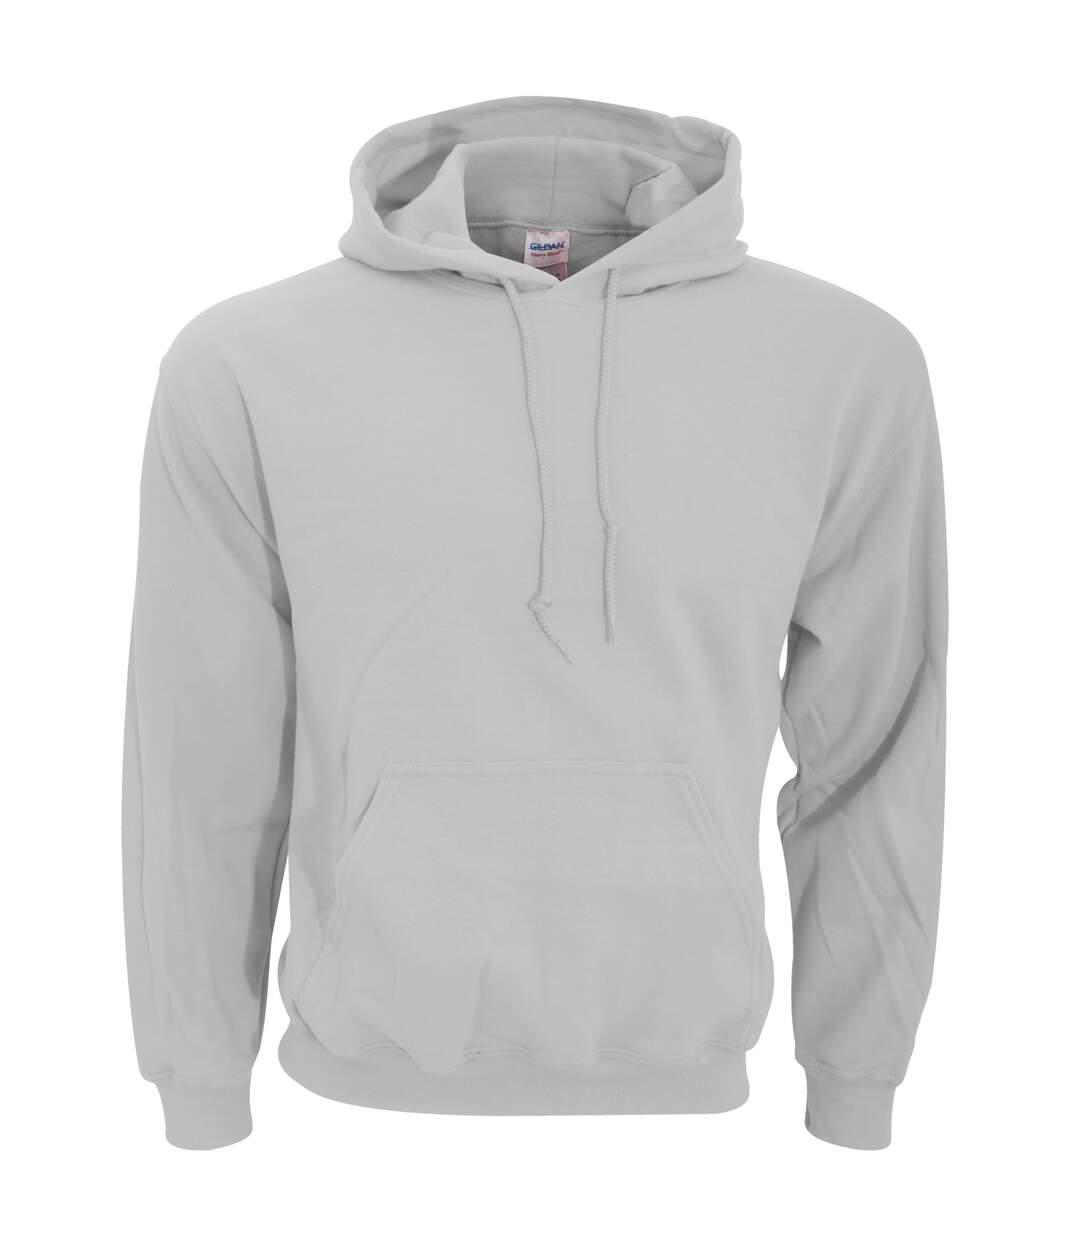 Gildan Heavy Blend Adult Unisex Hooded Sweatshirt / Hoodie (Sport Grey) - UTBC468